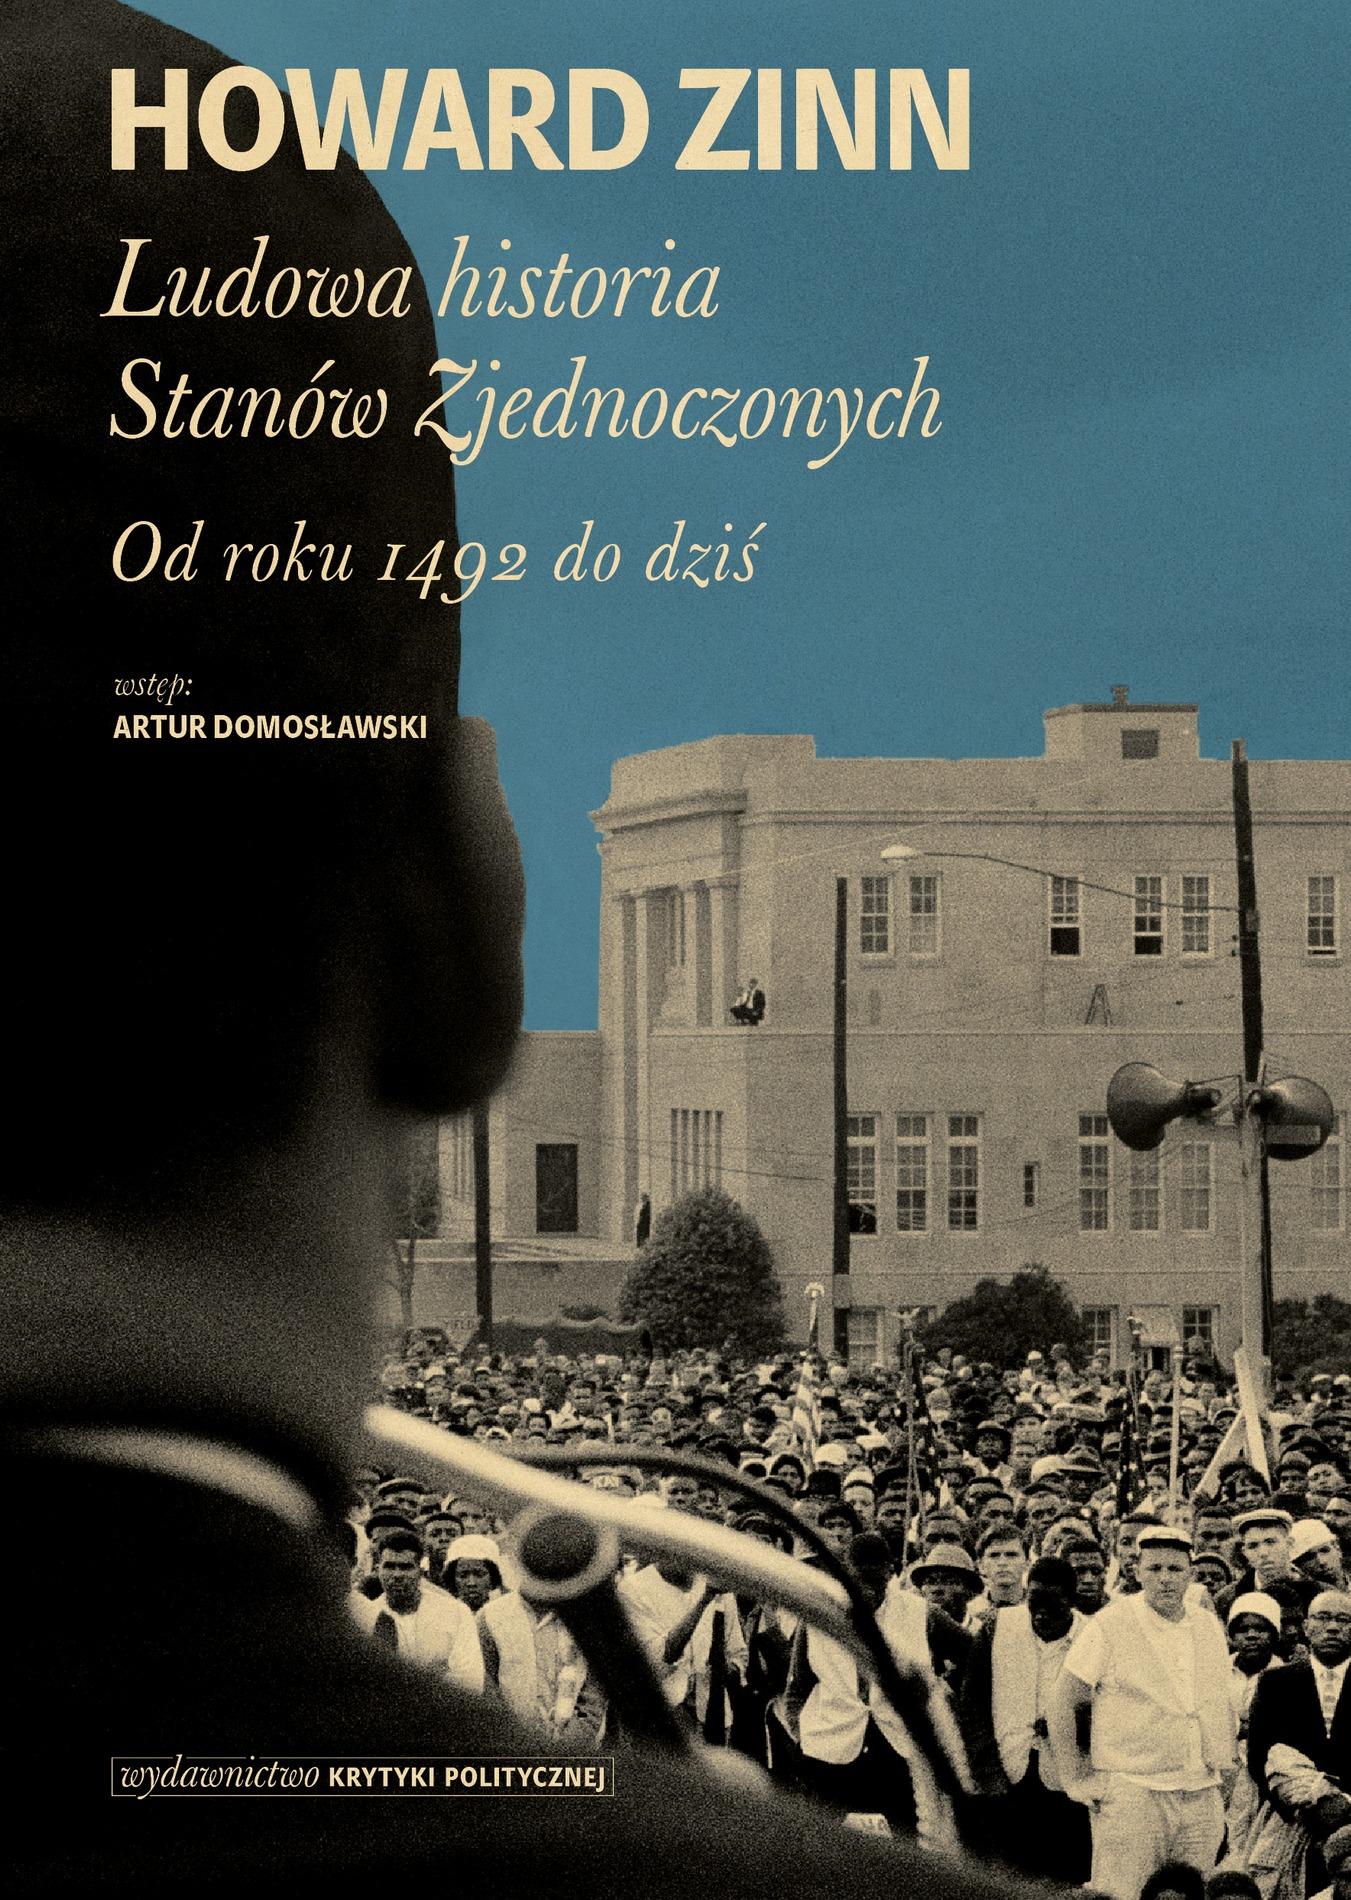 """Howard Zinn, """"Ludowa historia Stanów Zjednoczonych"""" – okładka książki (źródło: materiały prasowe wydawcy)"""